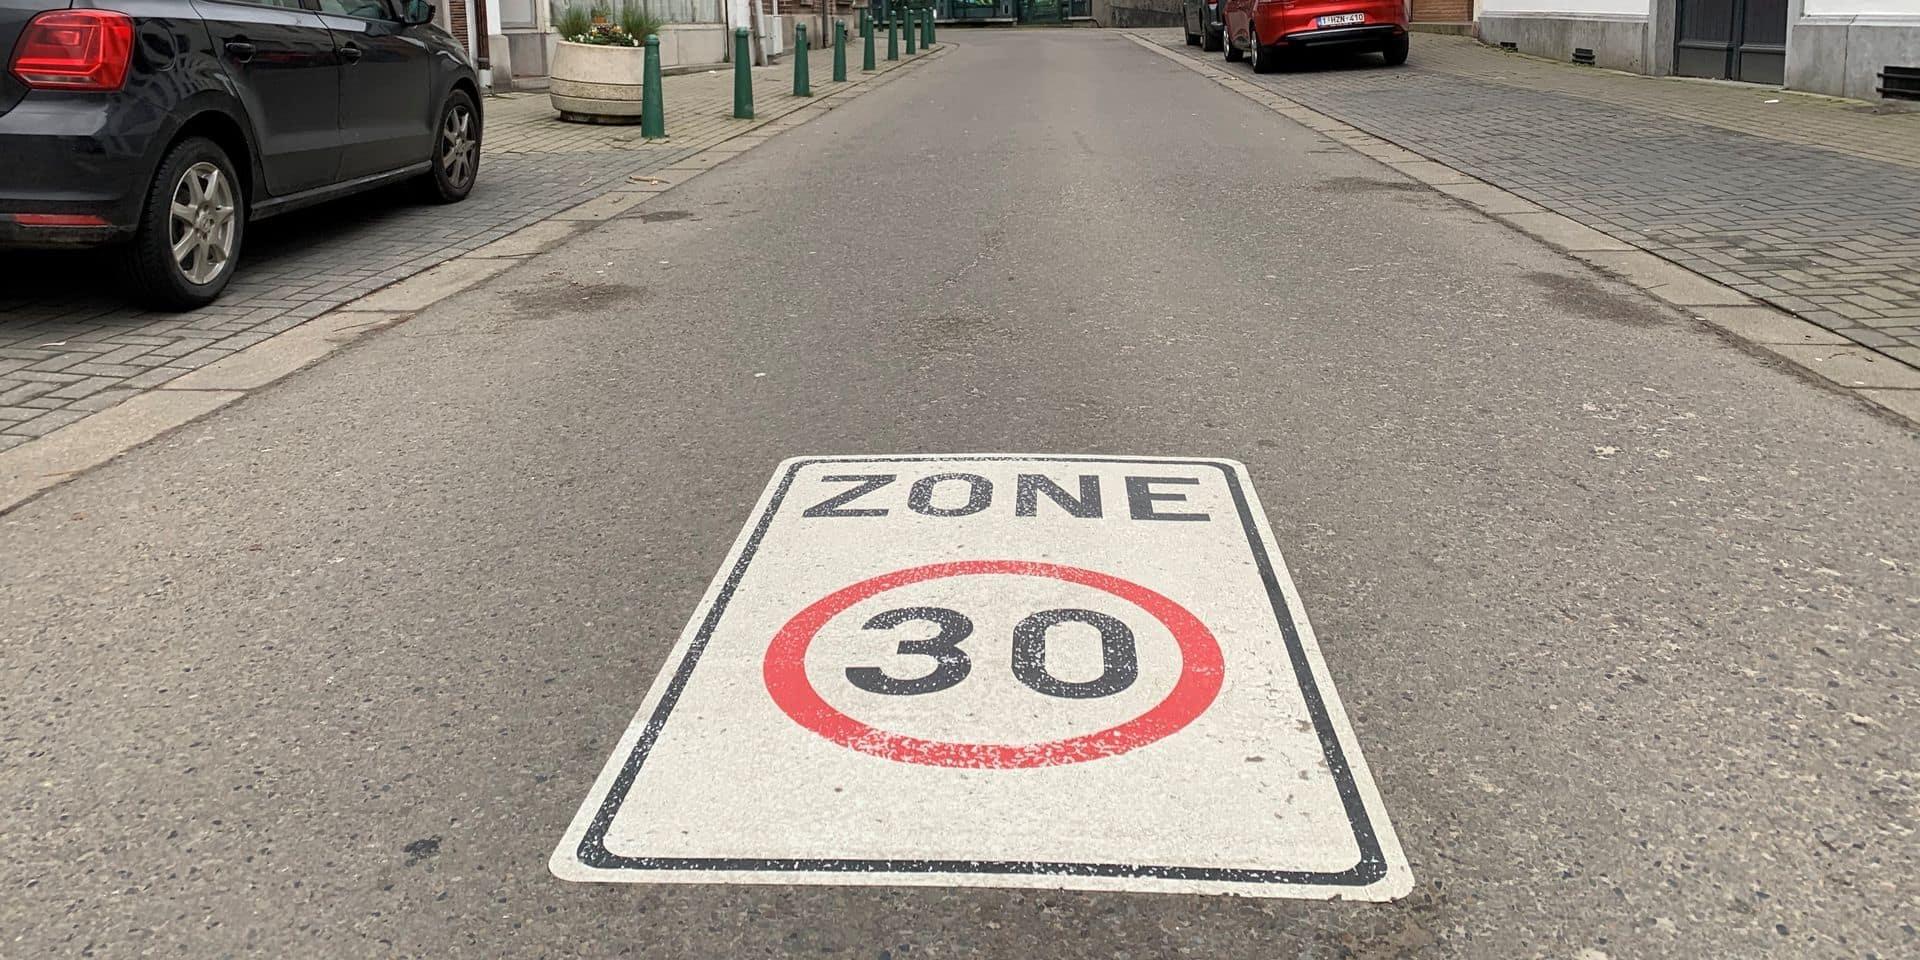 La zone 30 km/h prolongée dans le centre-ville de Genappe